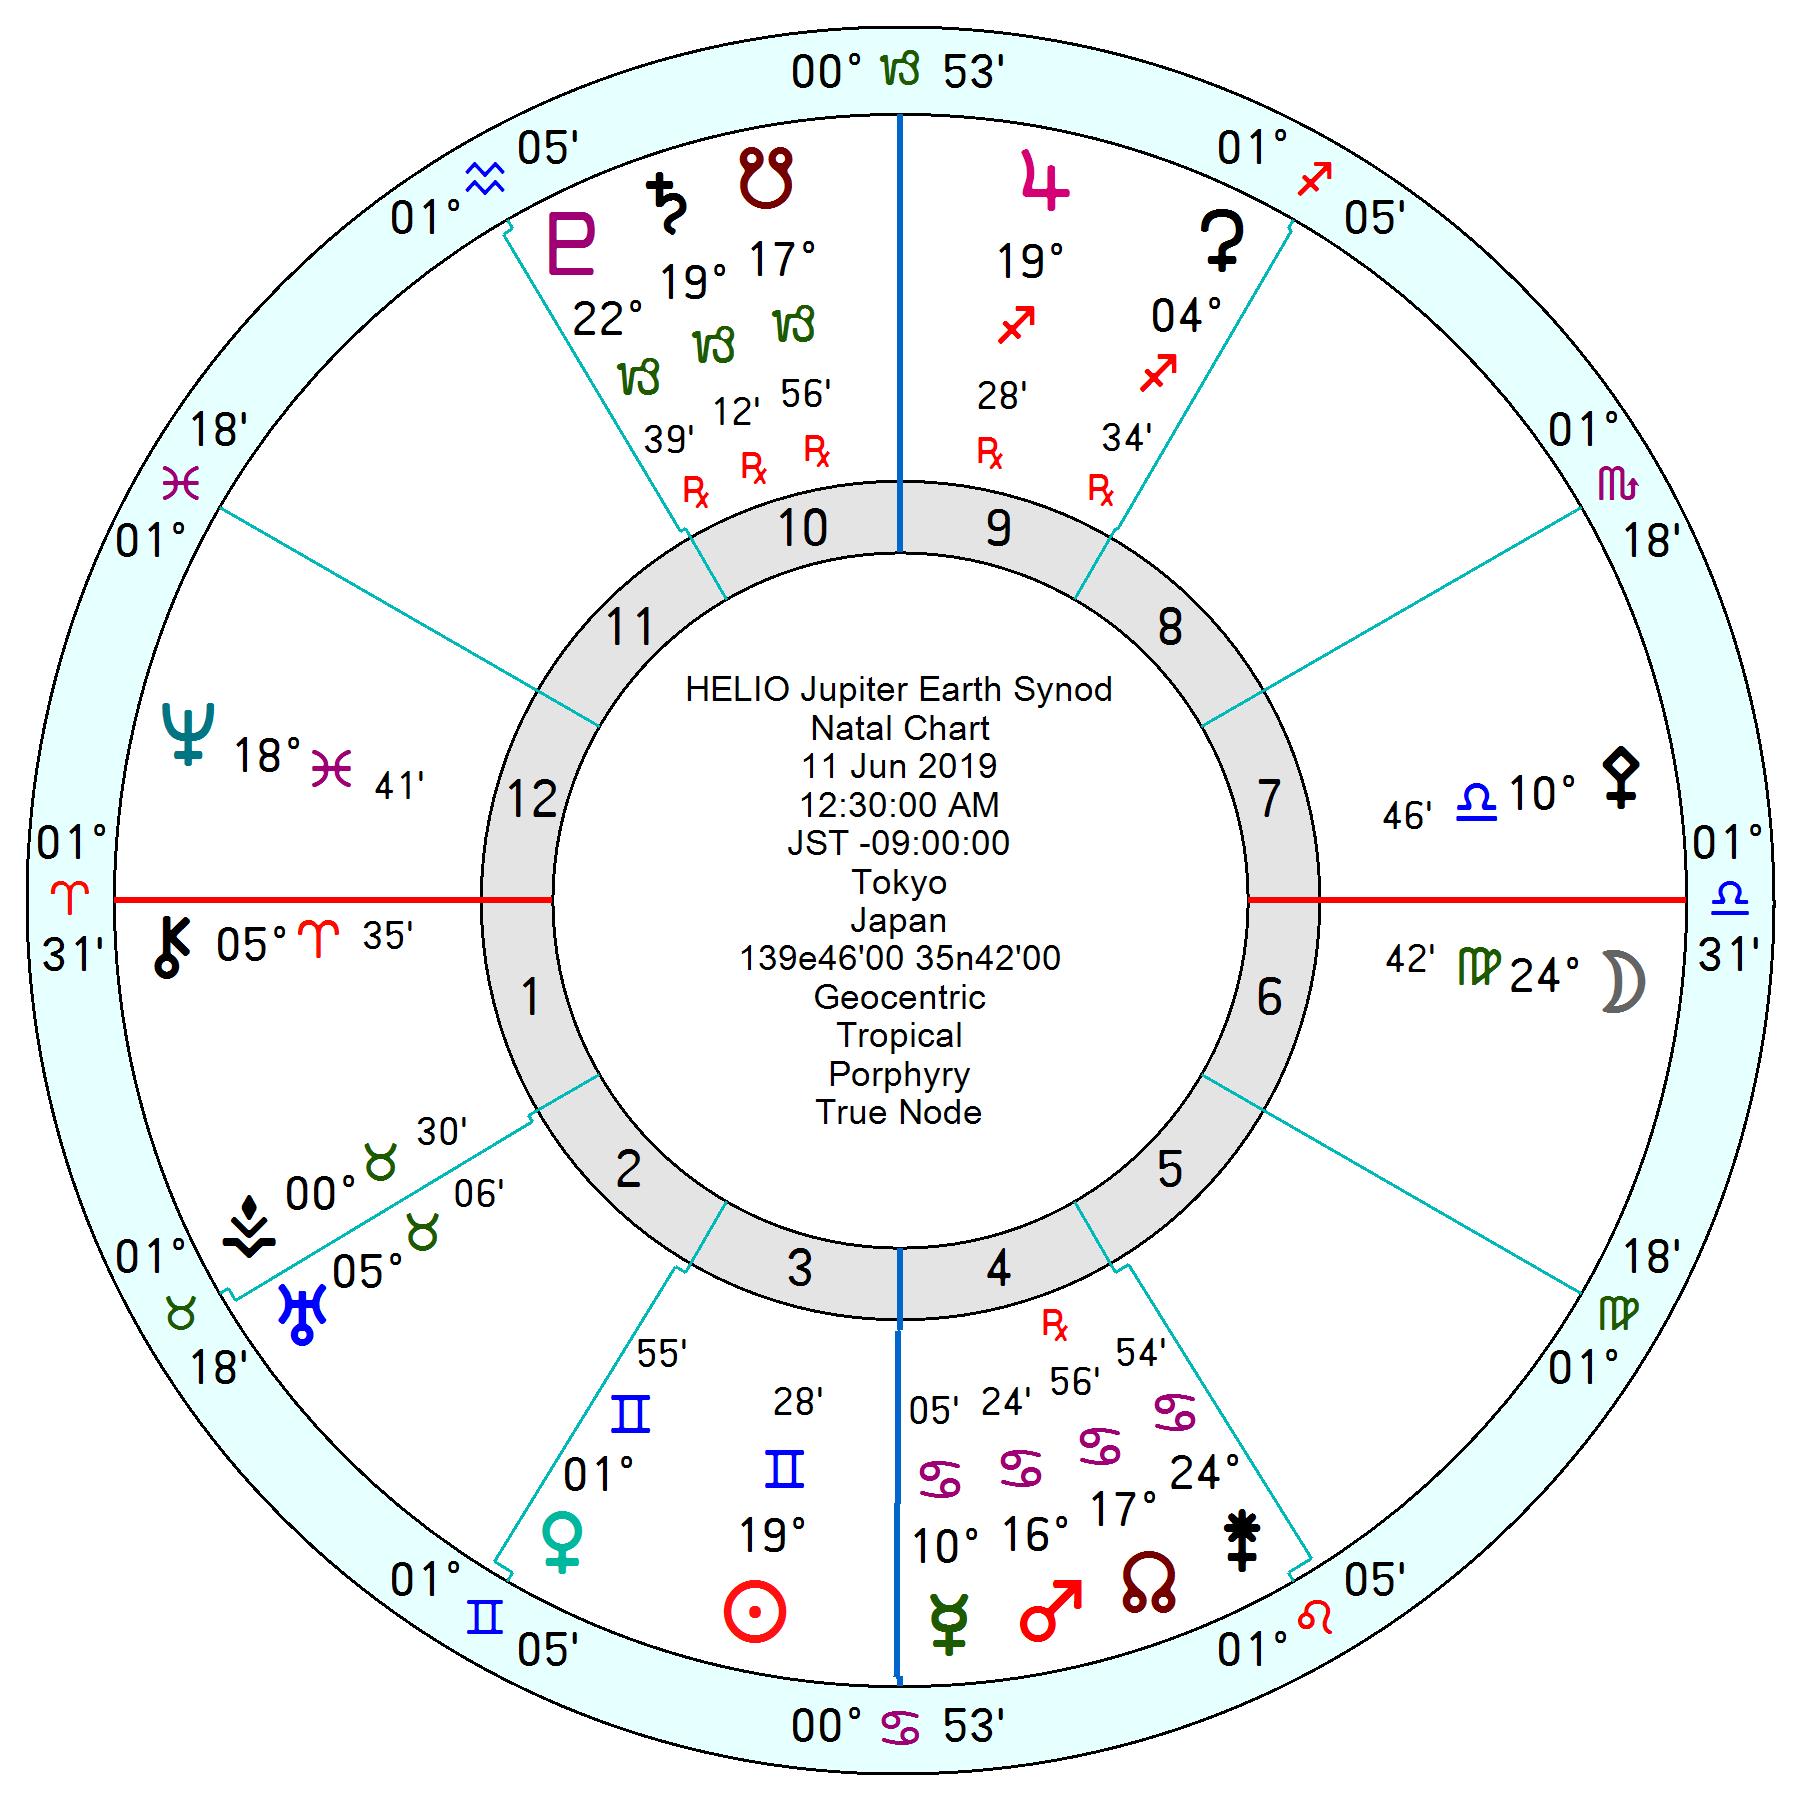 2019年6月11日木星と地球の会合